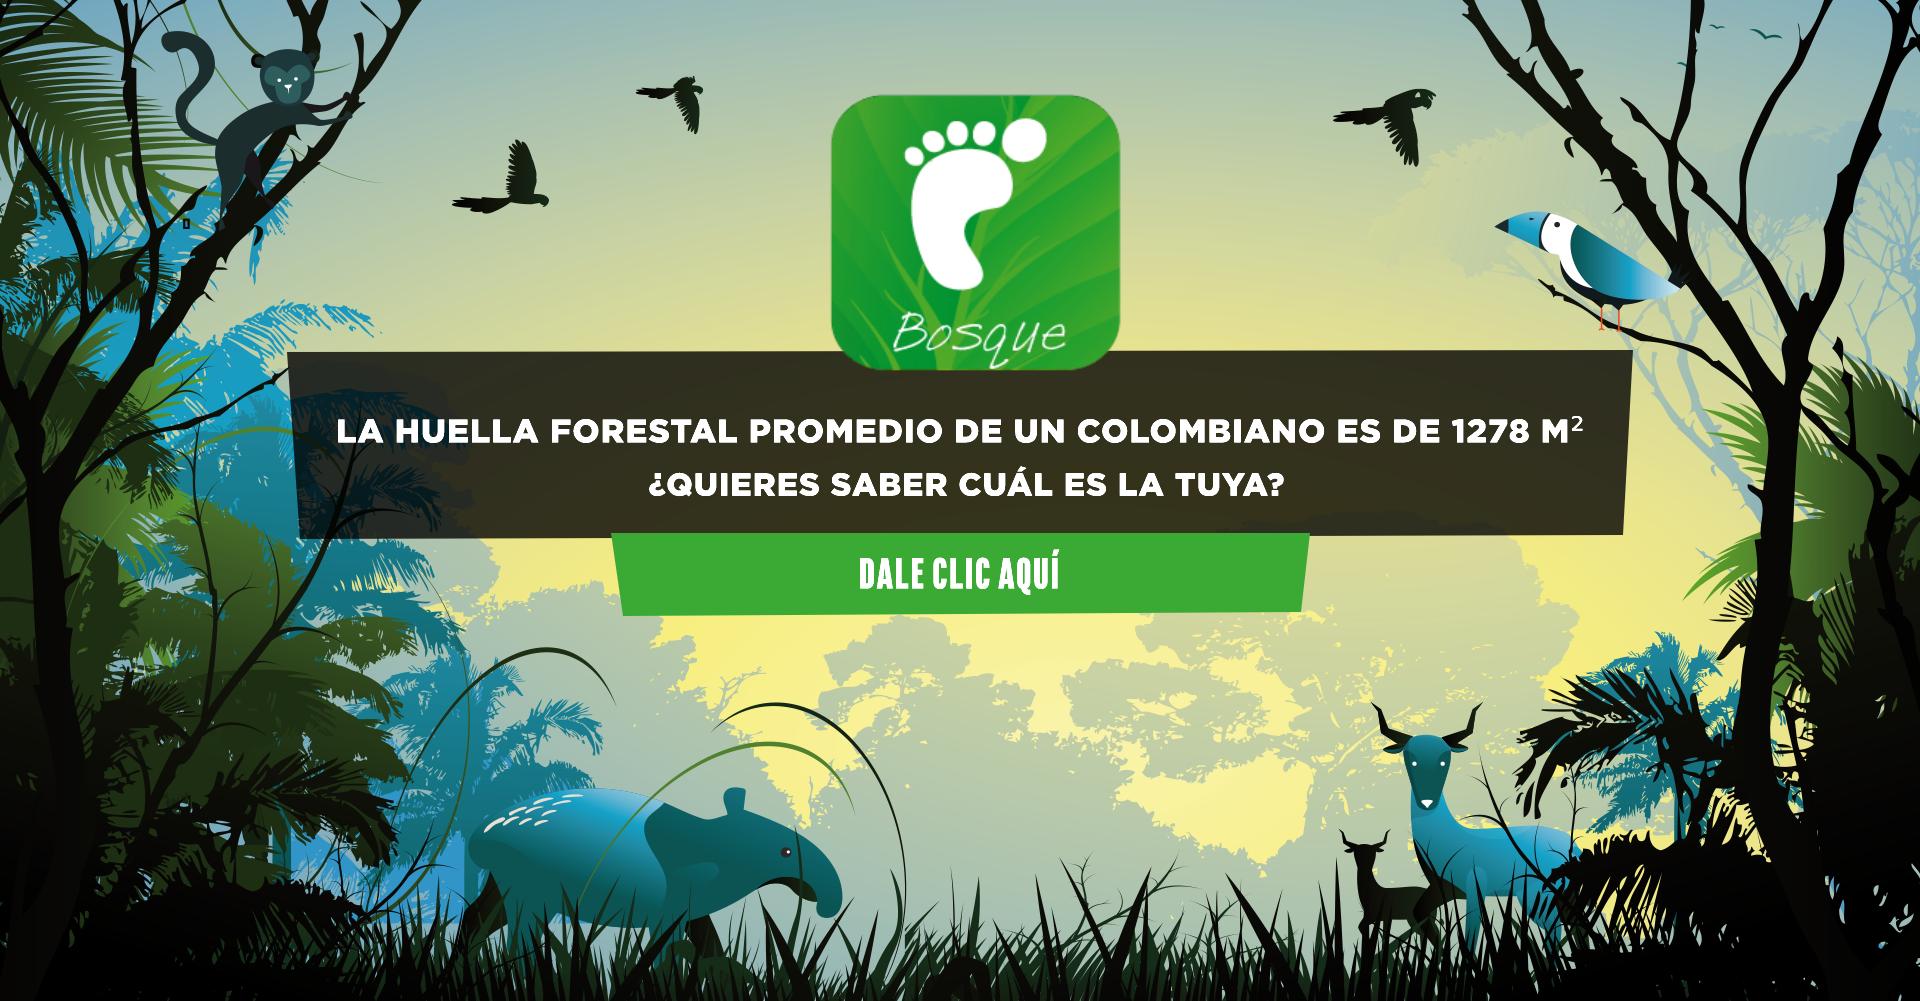 La huella forestal de un colombiano es de 1278m²